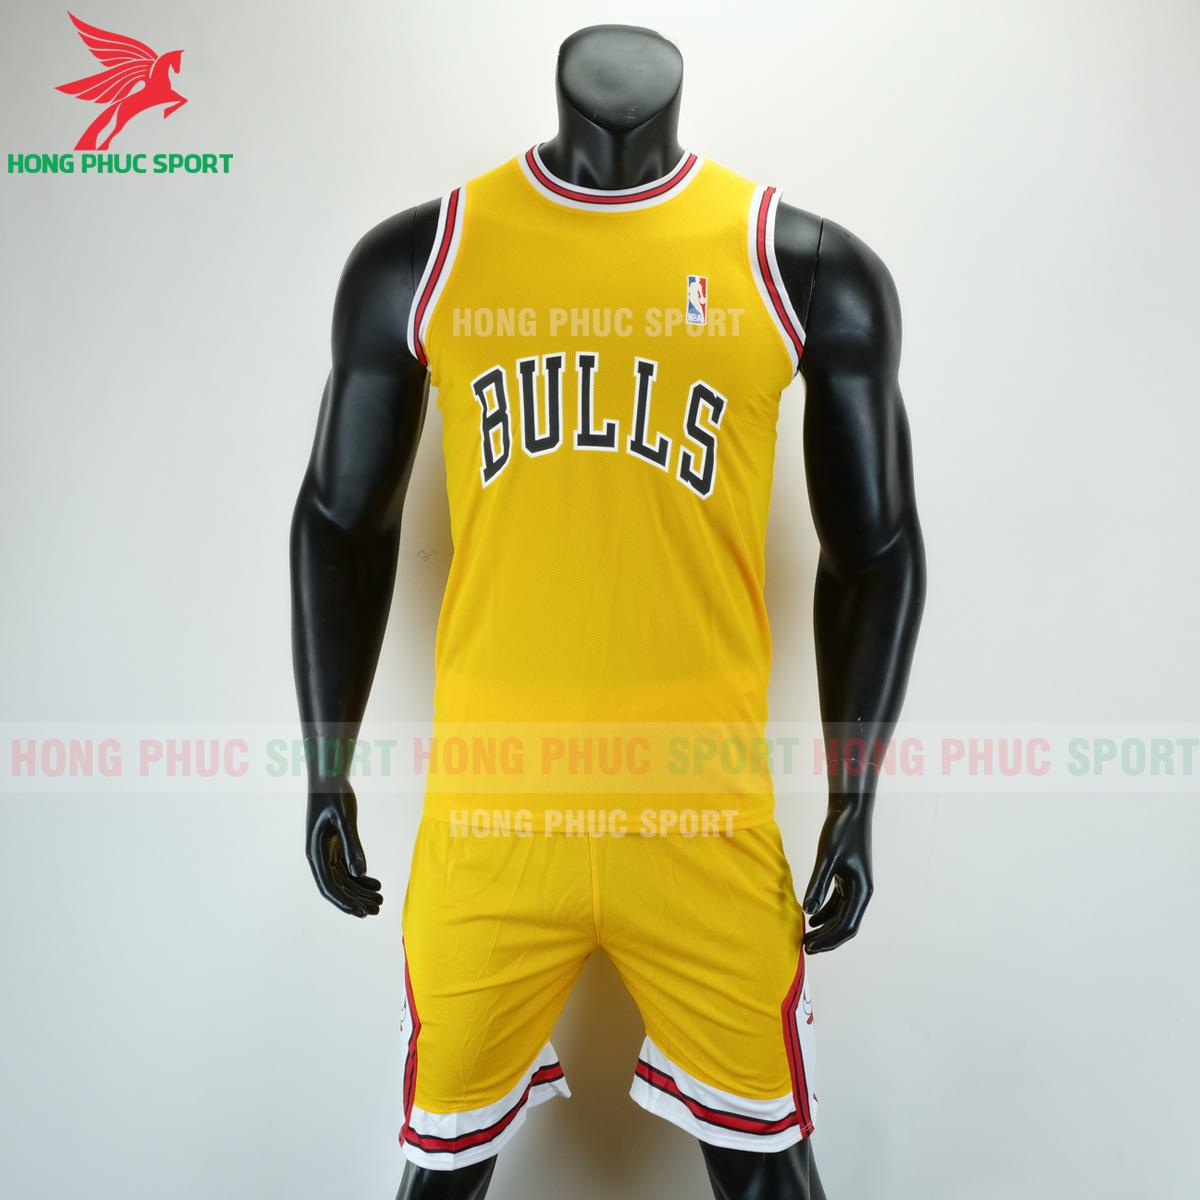 Áo bóng rổ Bulls 2020 màu vàng (trước)